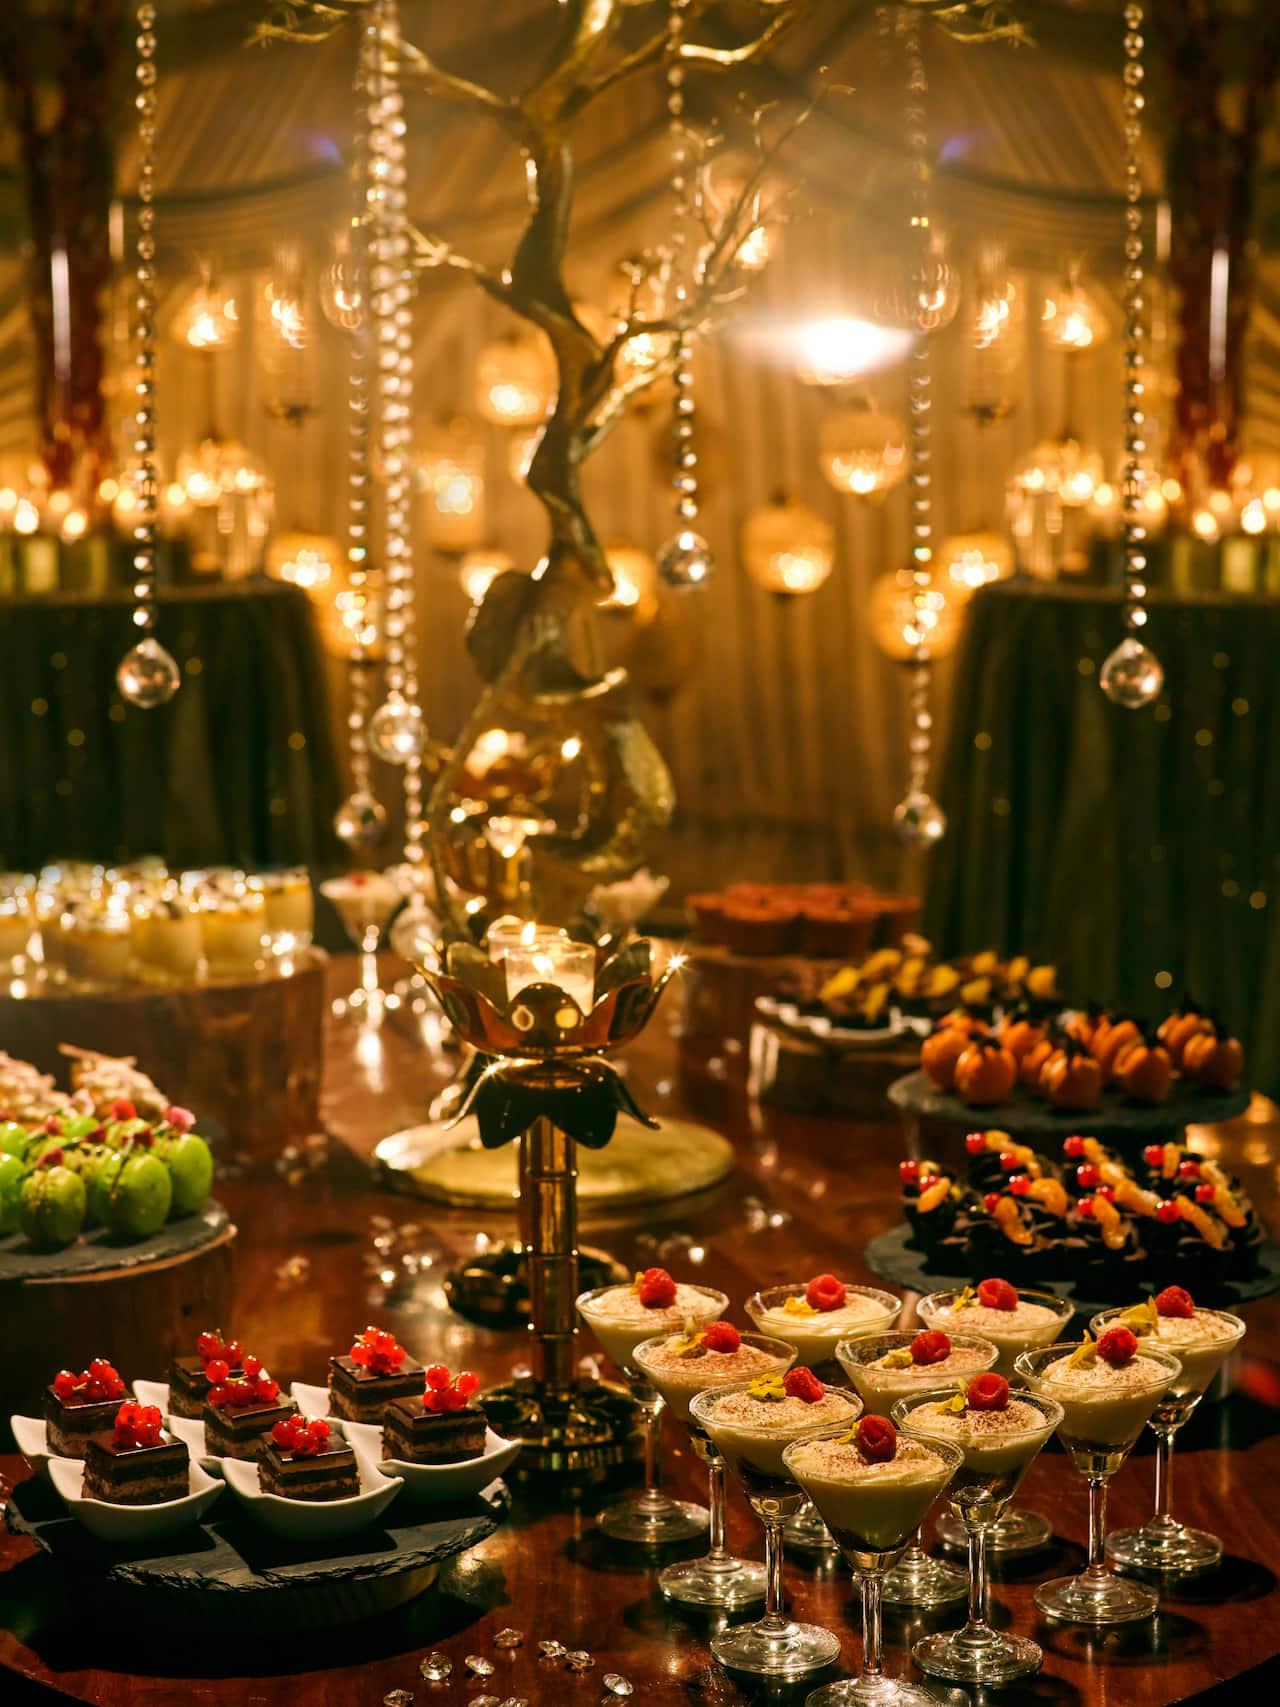 Weddings in Pune, Banquet halls in Pune, Wedding halls in Pune